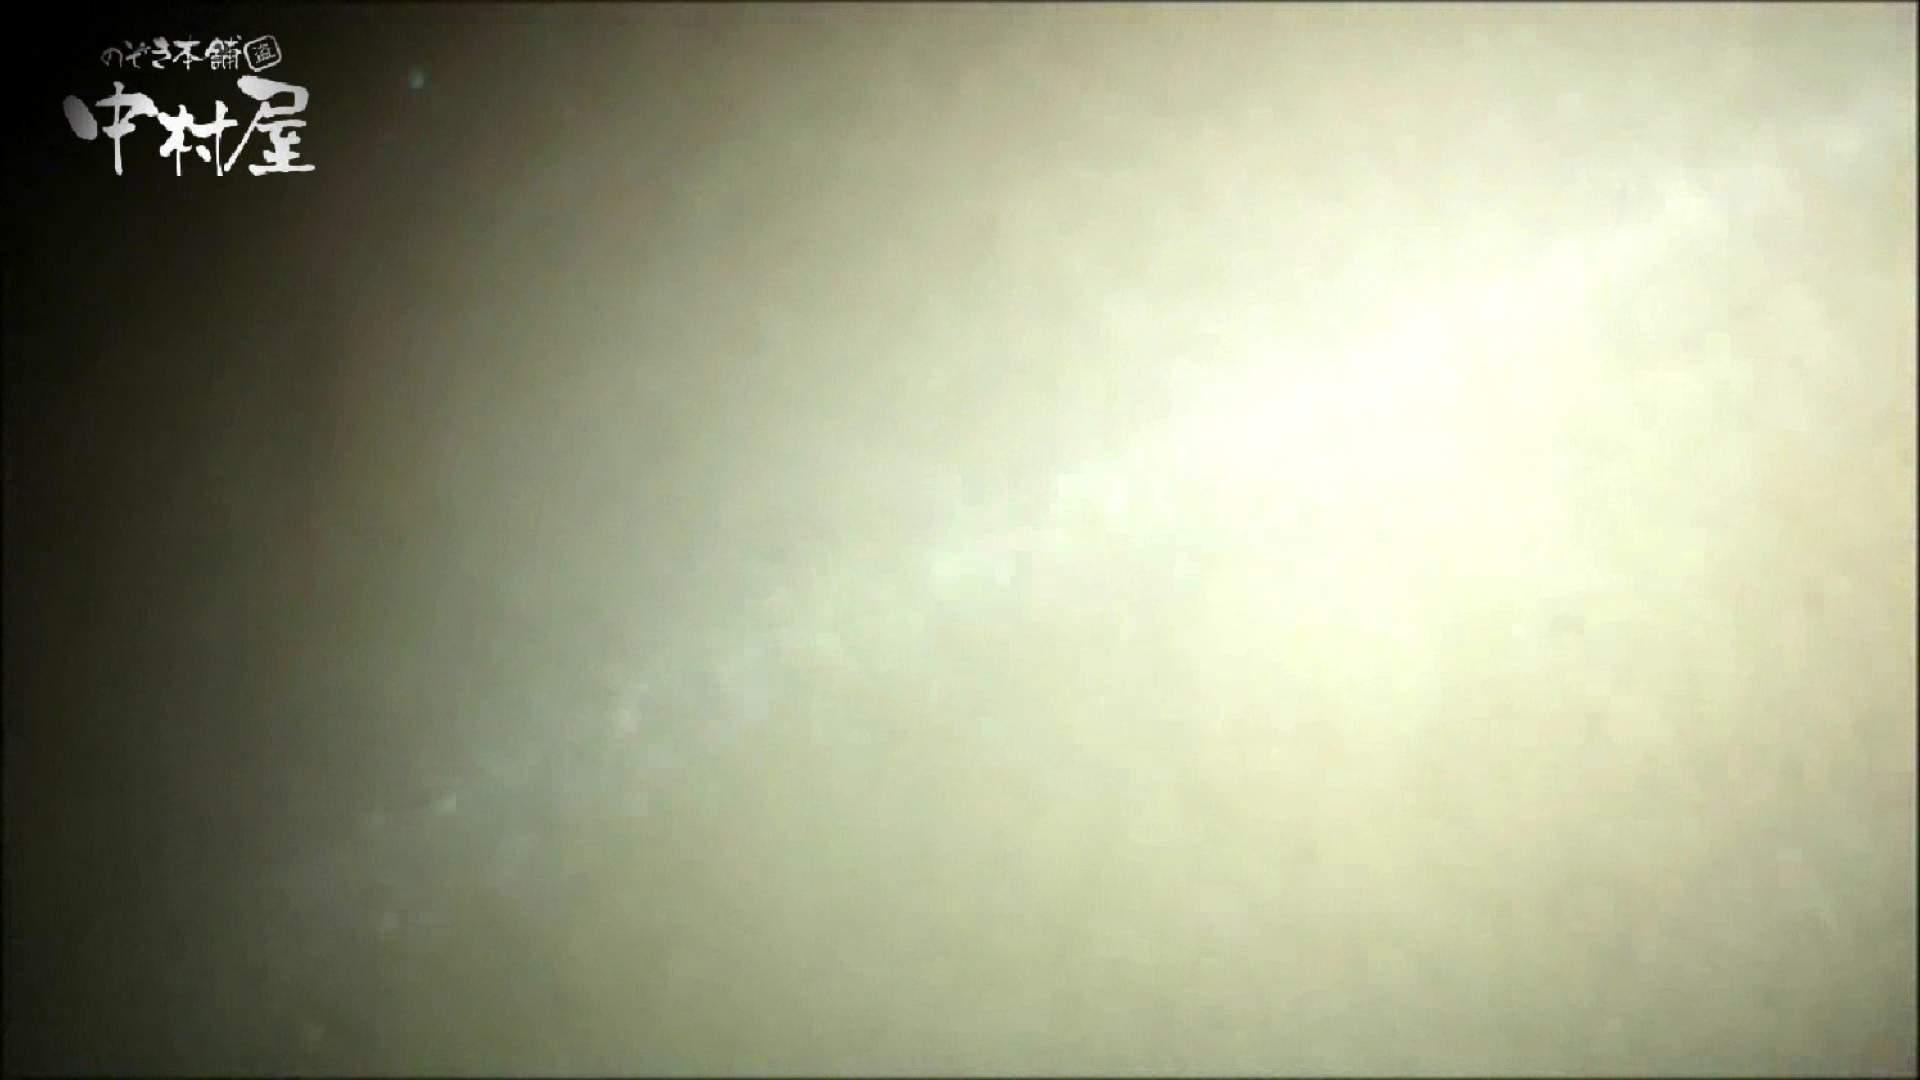 欲望 リアルドール Vol.01 Kちゃんショップ店員店員20歳 HなOL | Hな女子大生  67pic 29